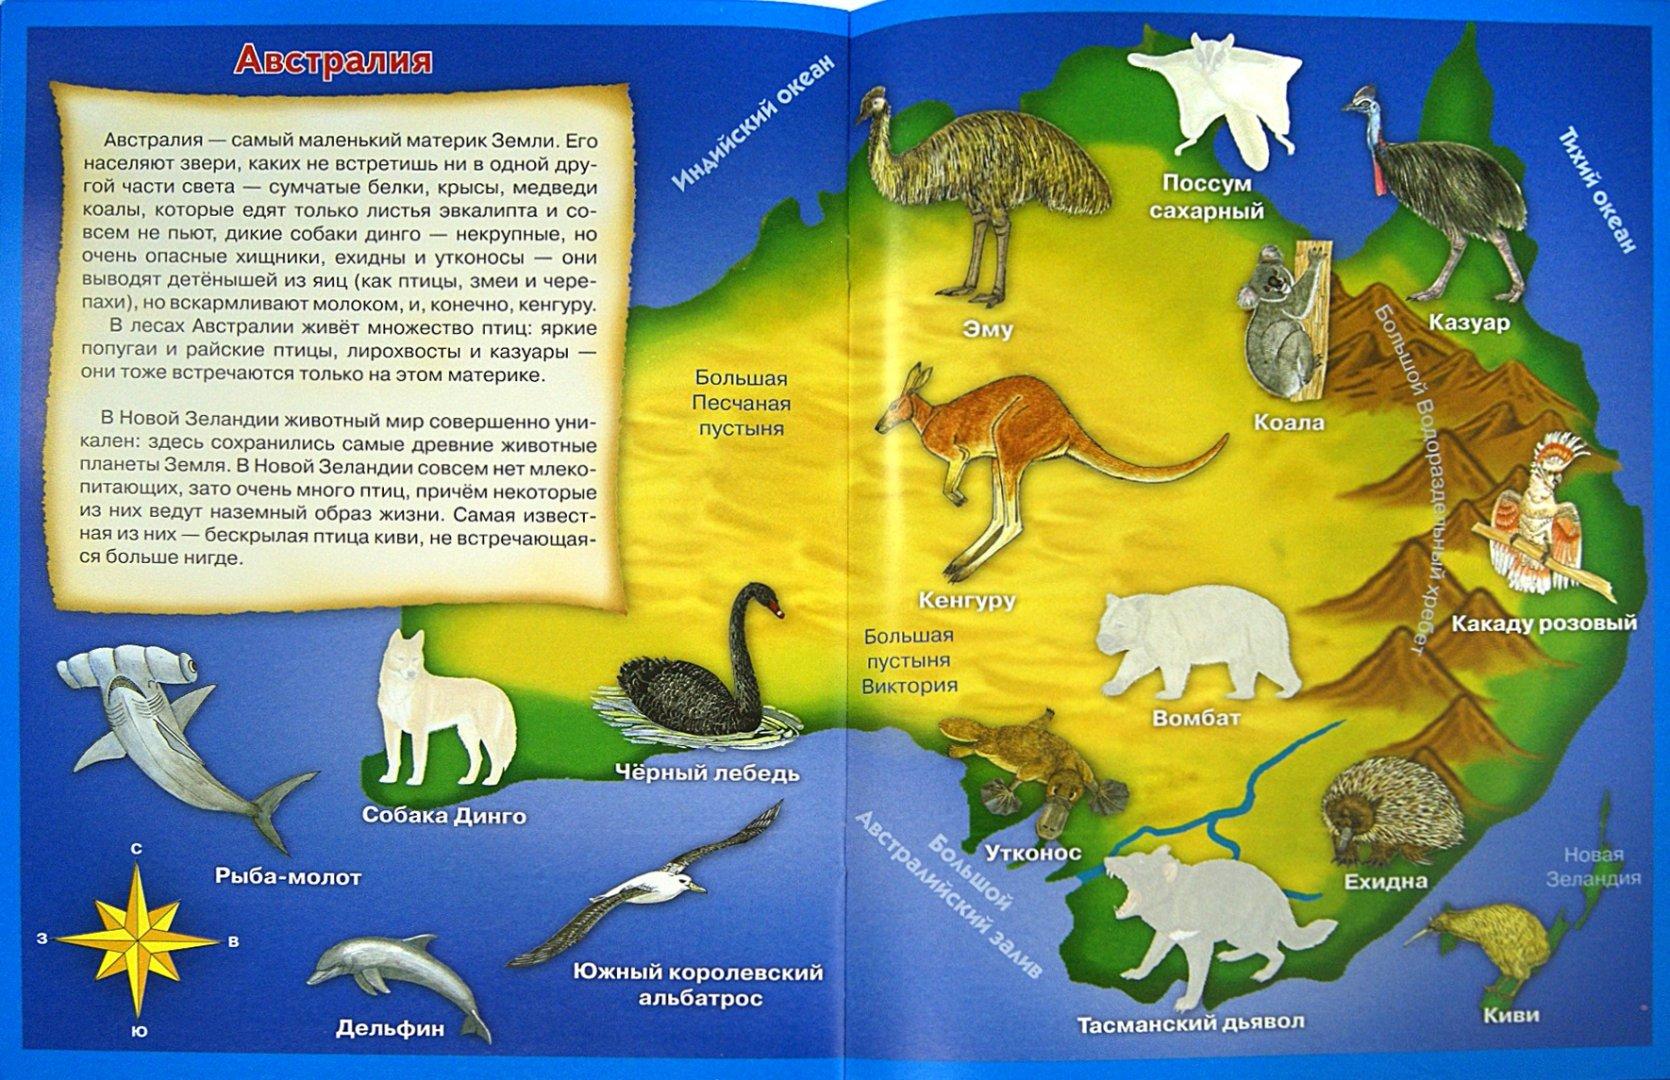 Иллюстрация 1 из 19 для Иллюстрированный атлас мира для малышей. Животные - Л. Образцова   Лабиринт - книги. Источник: Лабиринт